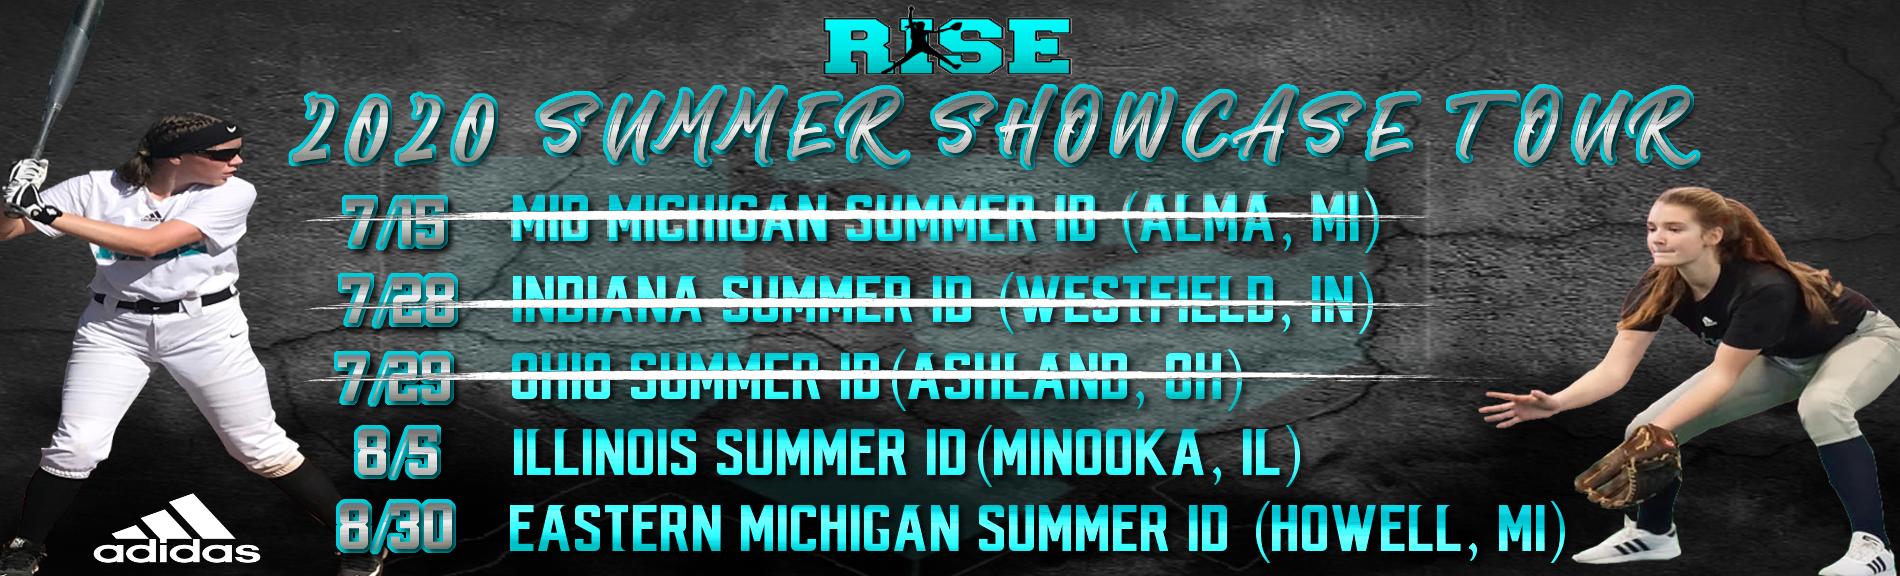 2020 RISE-Summer Showcase Tour